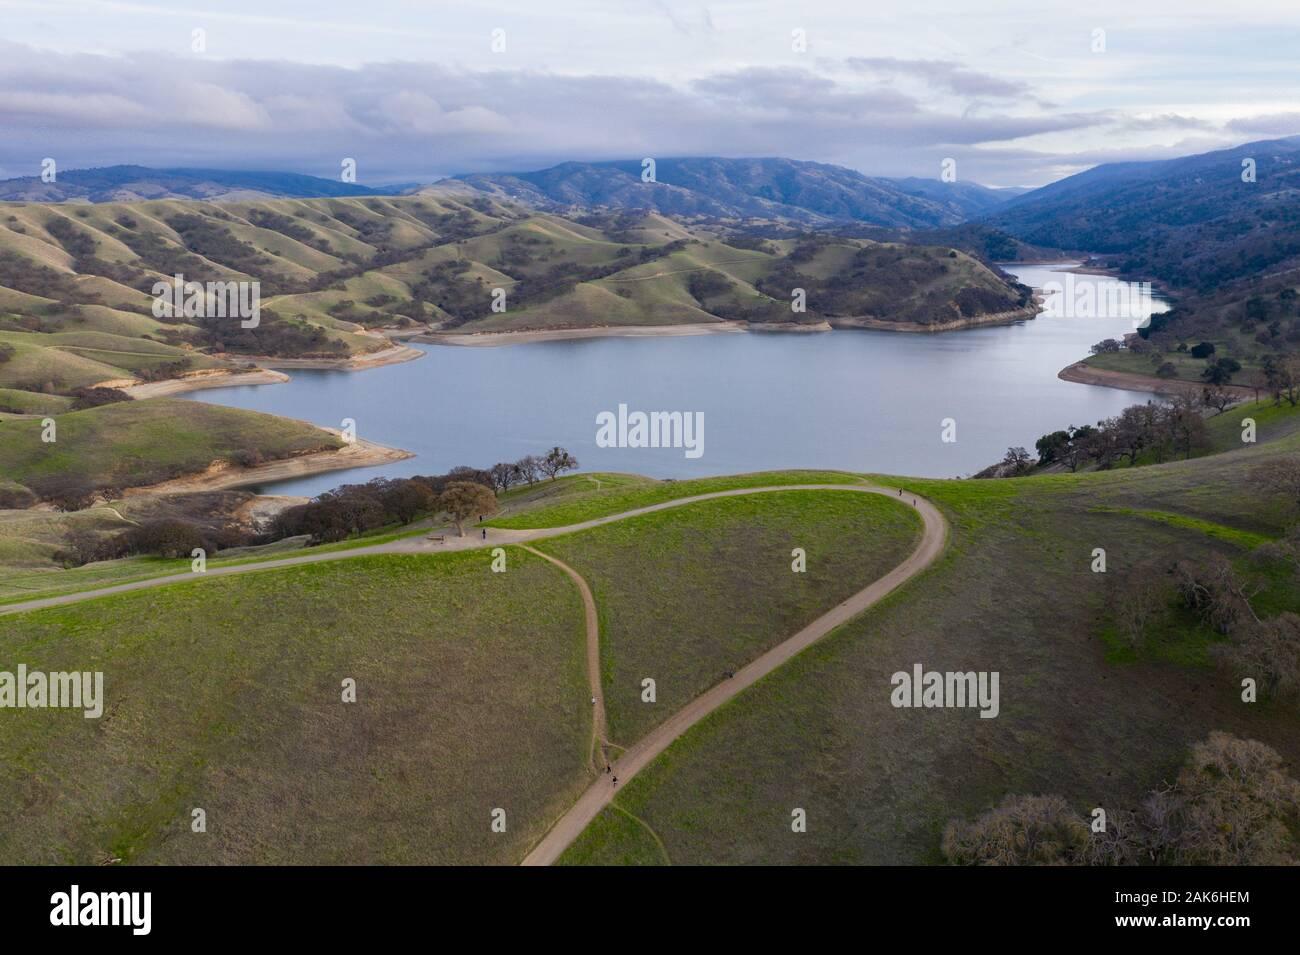 Visto desde una vista de pájaro, las colinas del norte de California, justo al este de Oakland y San Francisco, han convertido a la verde después de las lluvias del invierno. Foto de stock